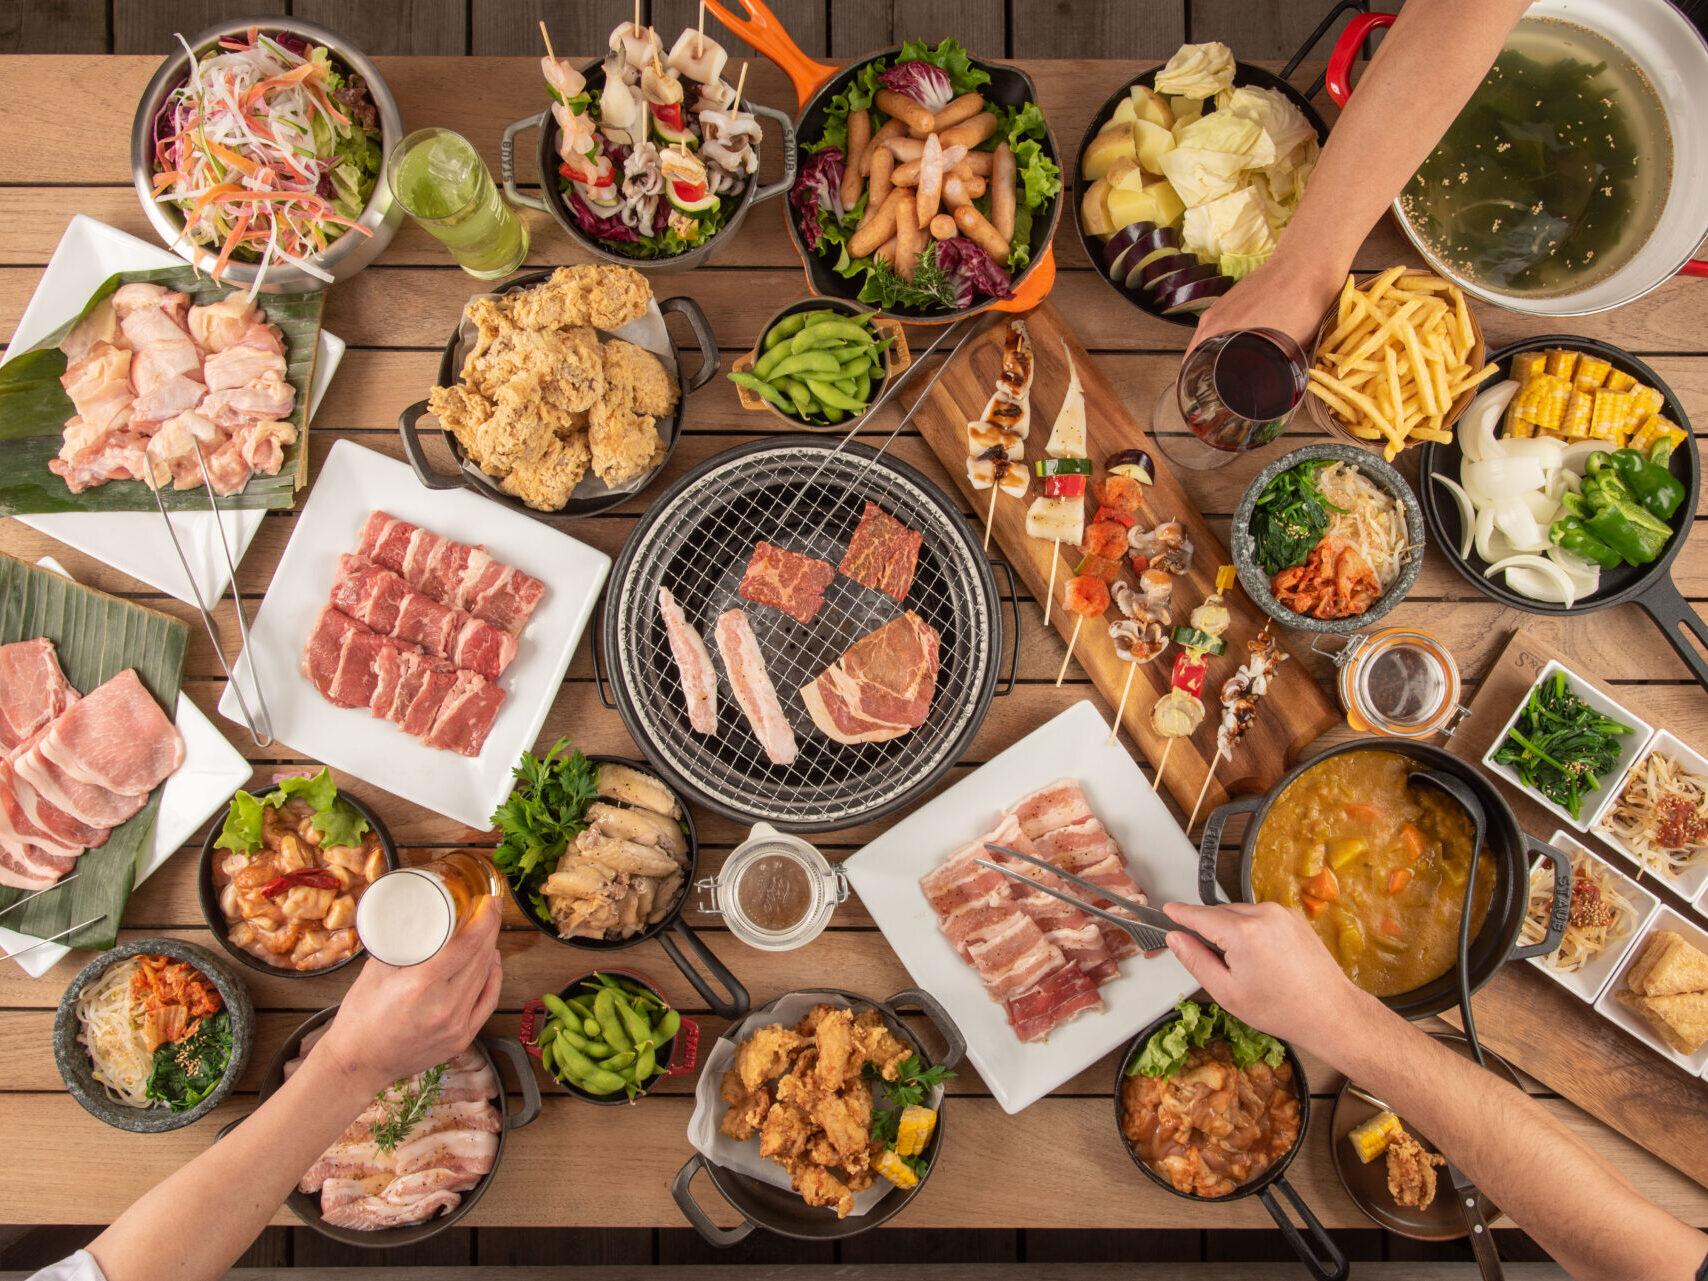 【春のグルメ特集】宿泊&日帰りで楽しめる食べ放題BBQパックをご紹介!